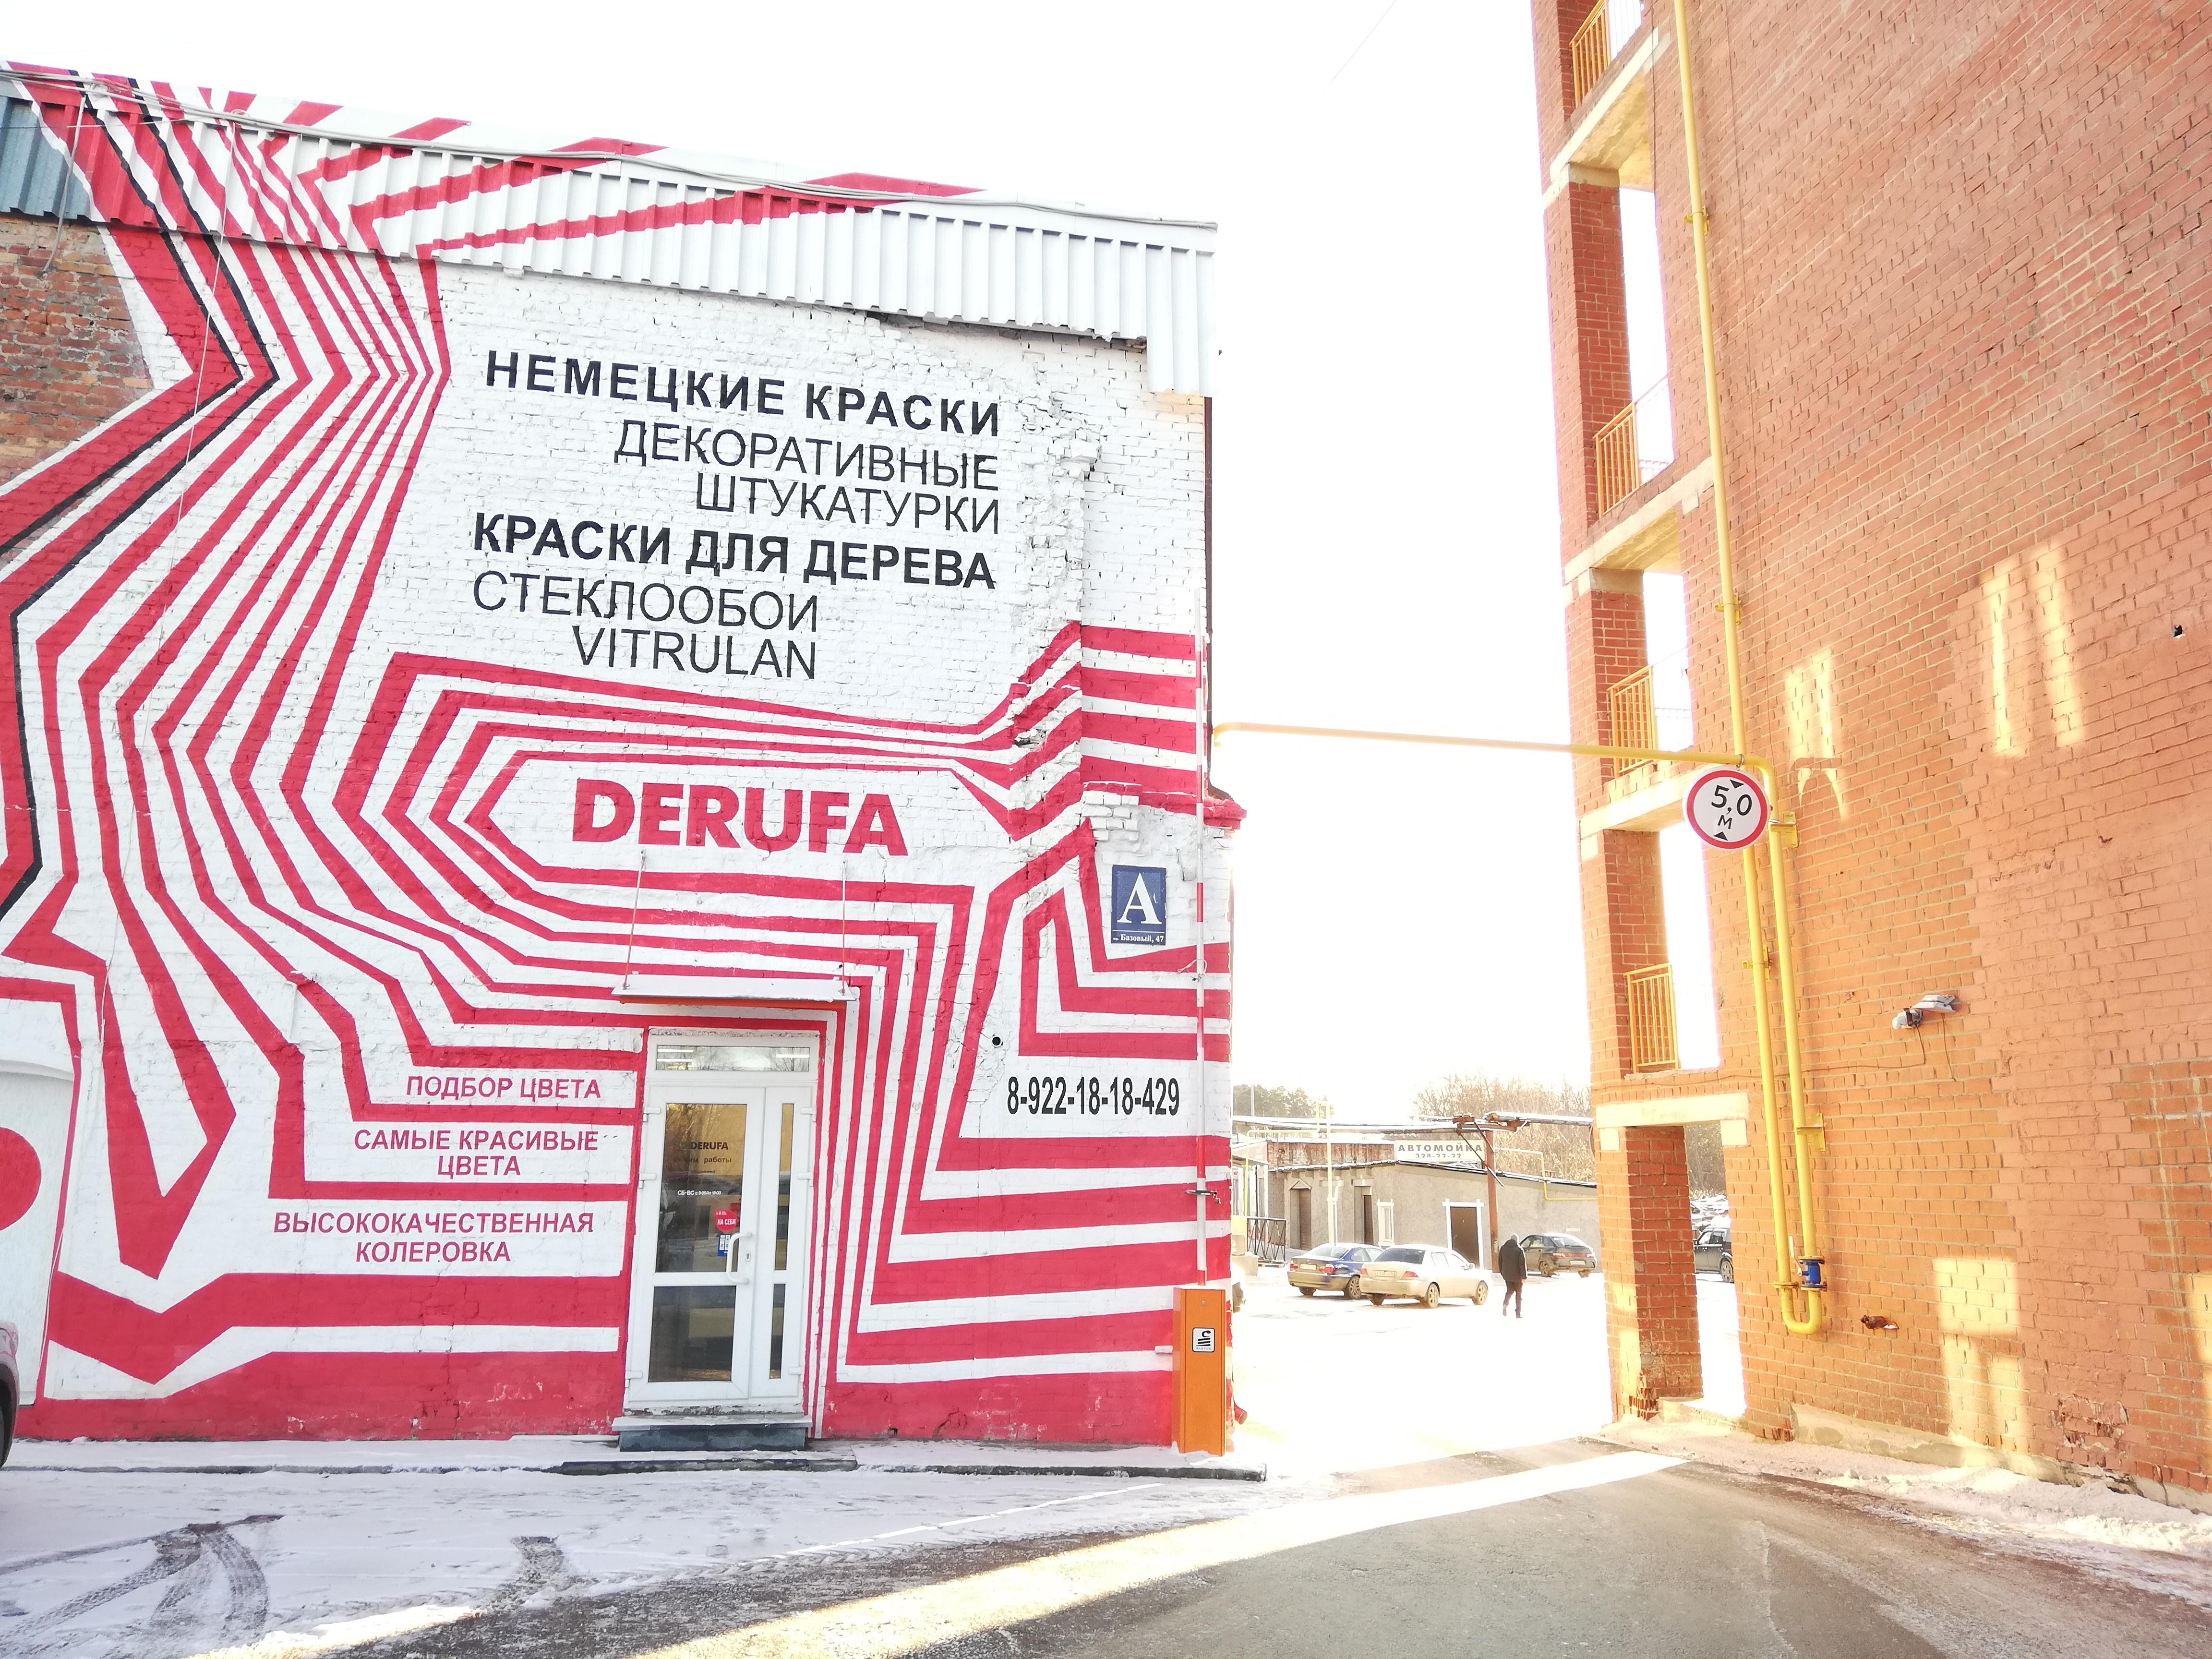 Фото Центра красок ДЕРУФА в Екатеринбурге